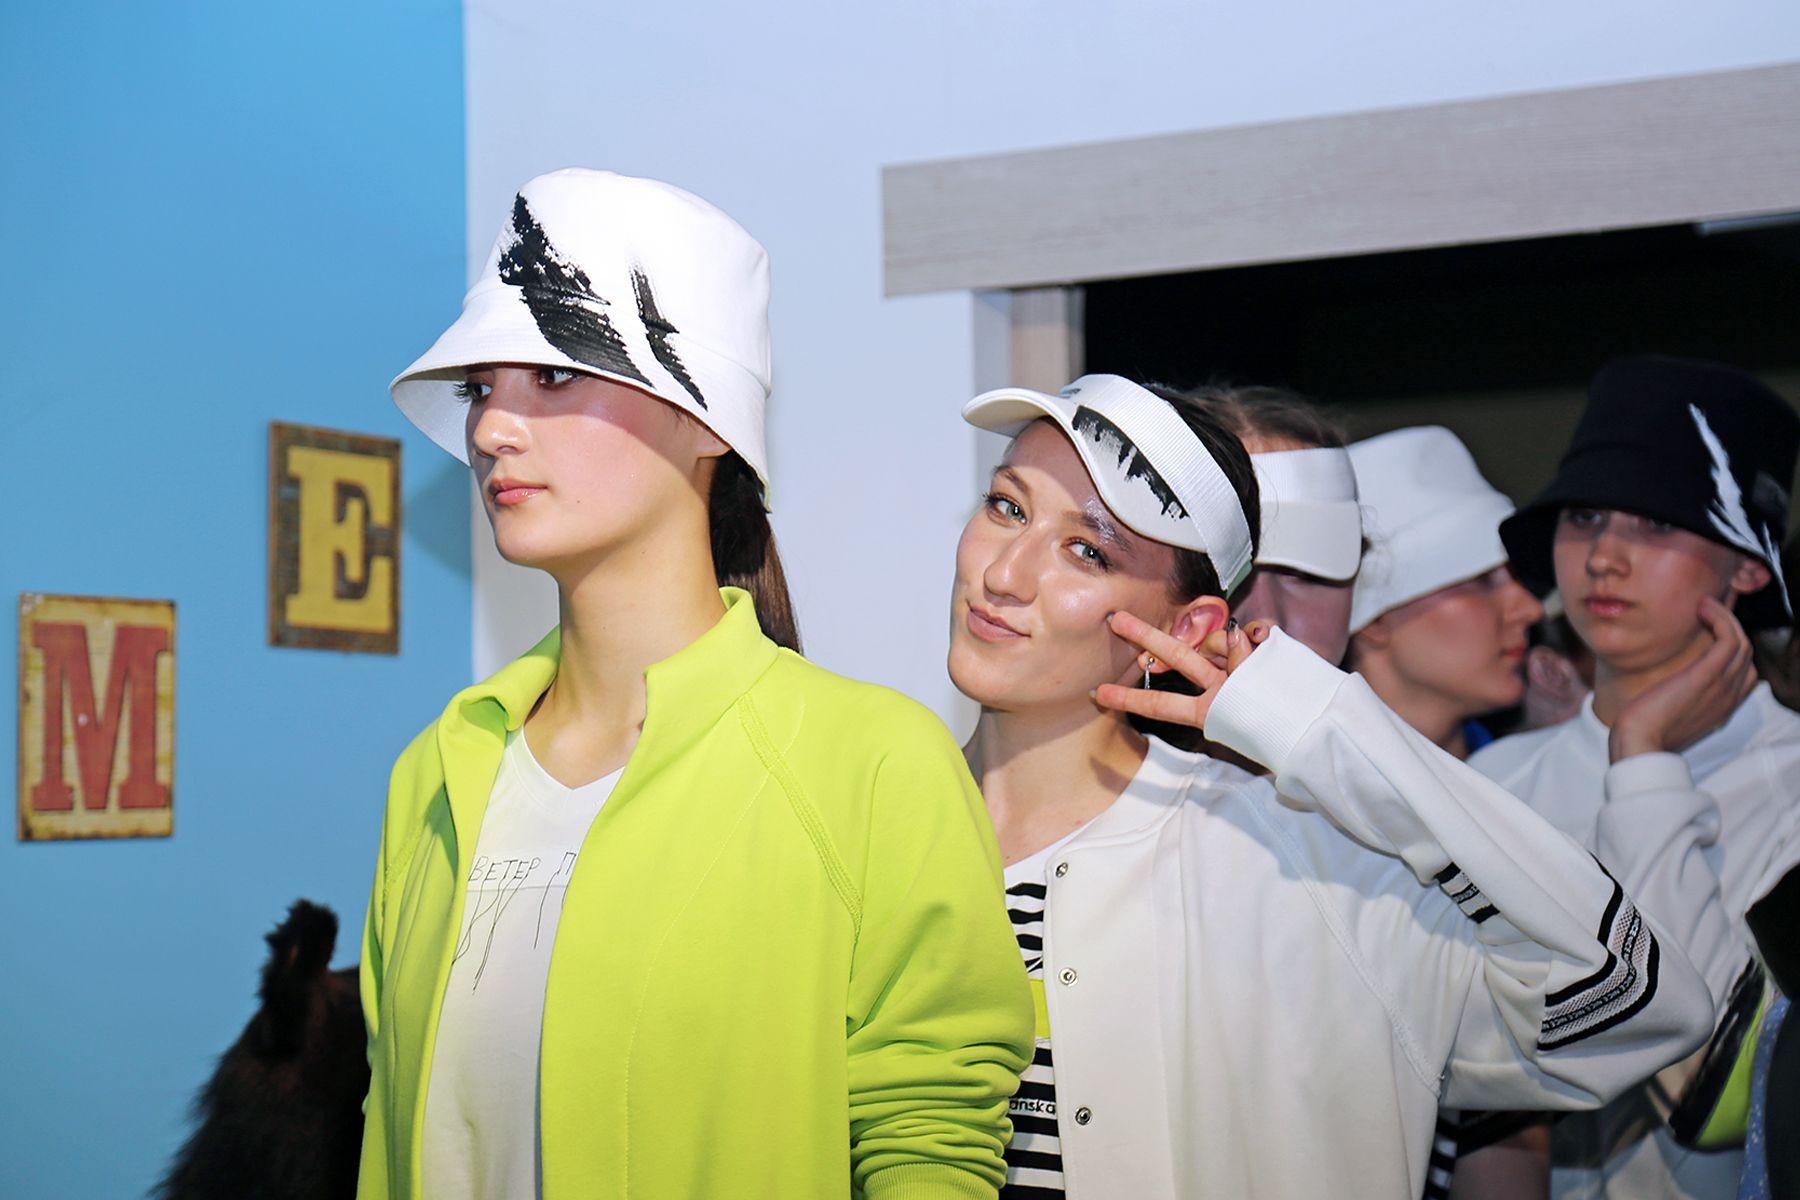 Институт сервиса, моды и дизайна ВГУЭС собрал горожан на прогулку по Владивостоку